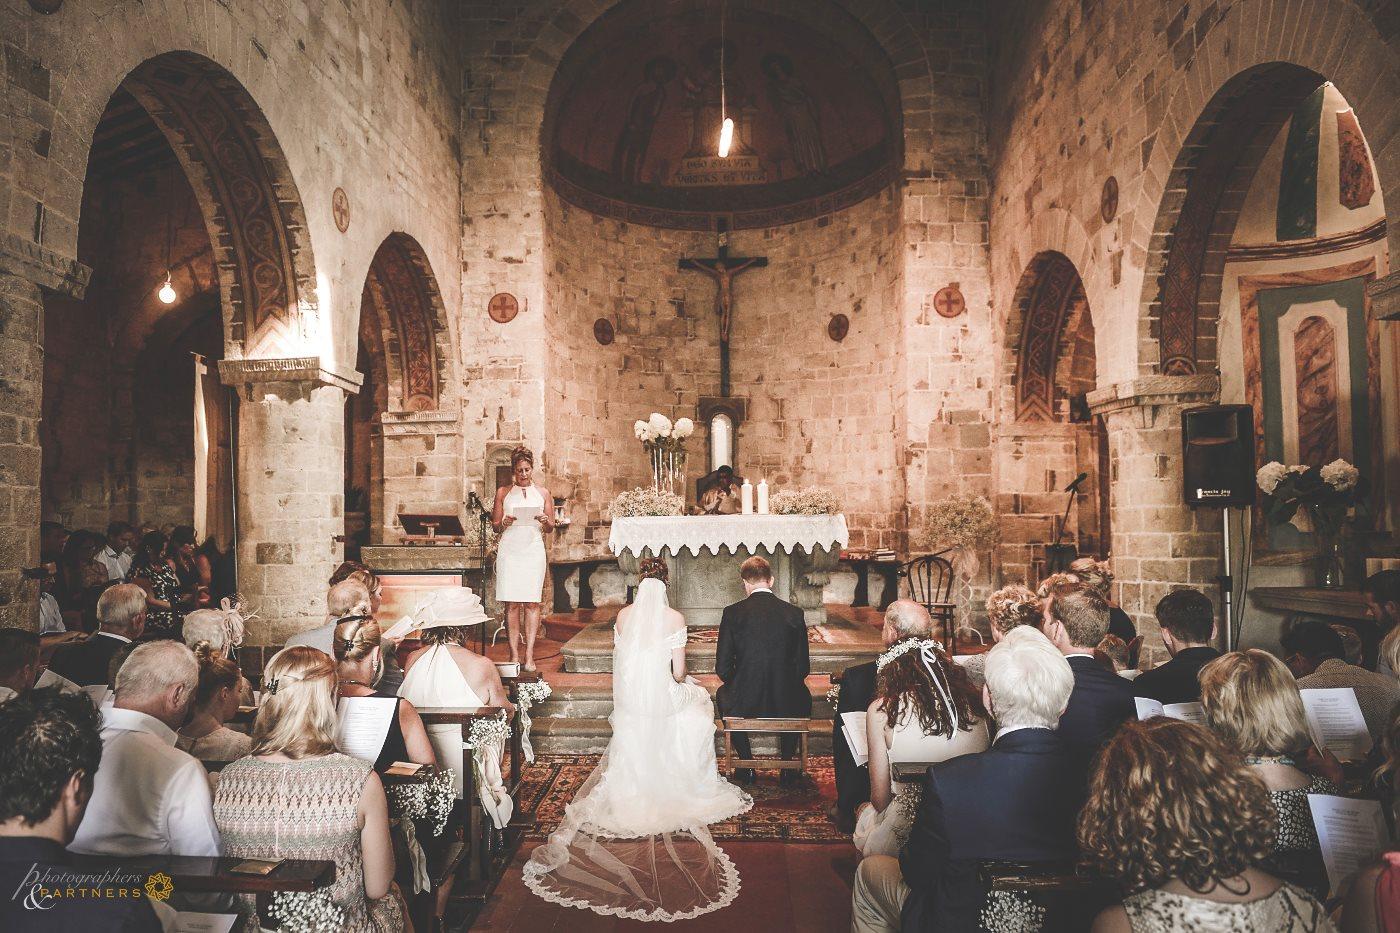 wedding_photos_san_gervasio_pisa_15.jpg